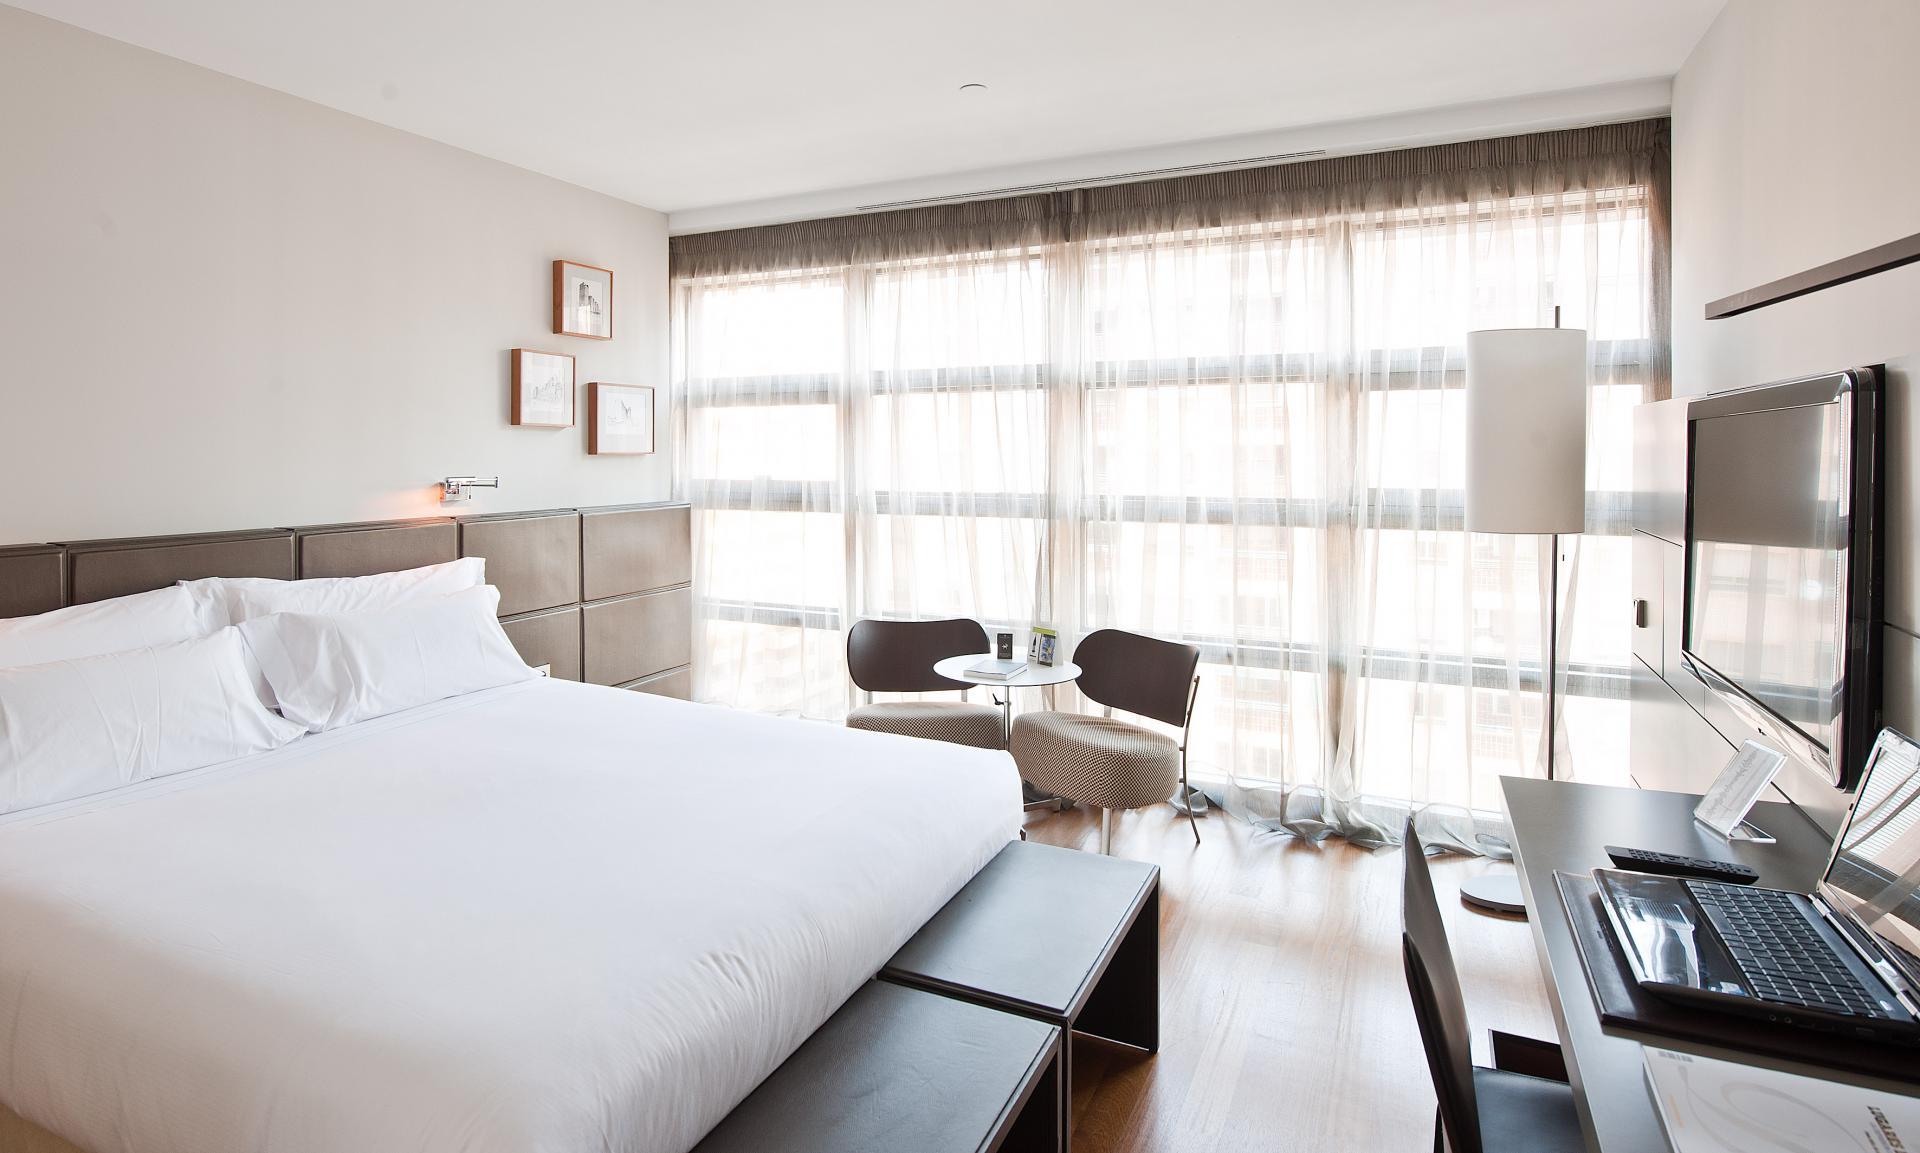 Habitaciones hotel reina petronila palafox hoteles for Detalles en habitaciones de hotel